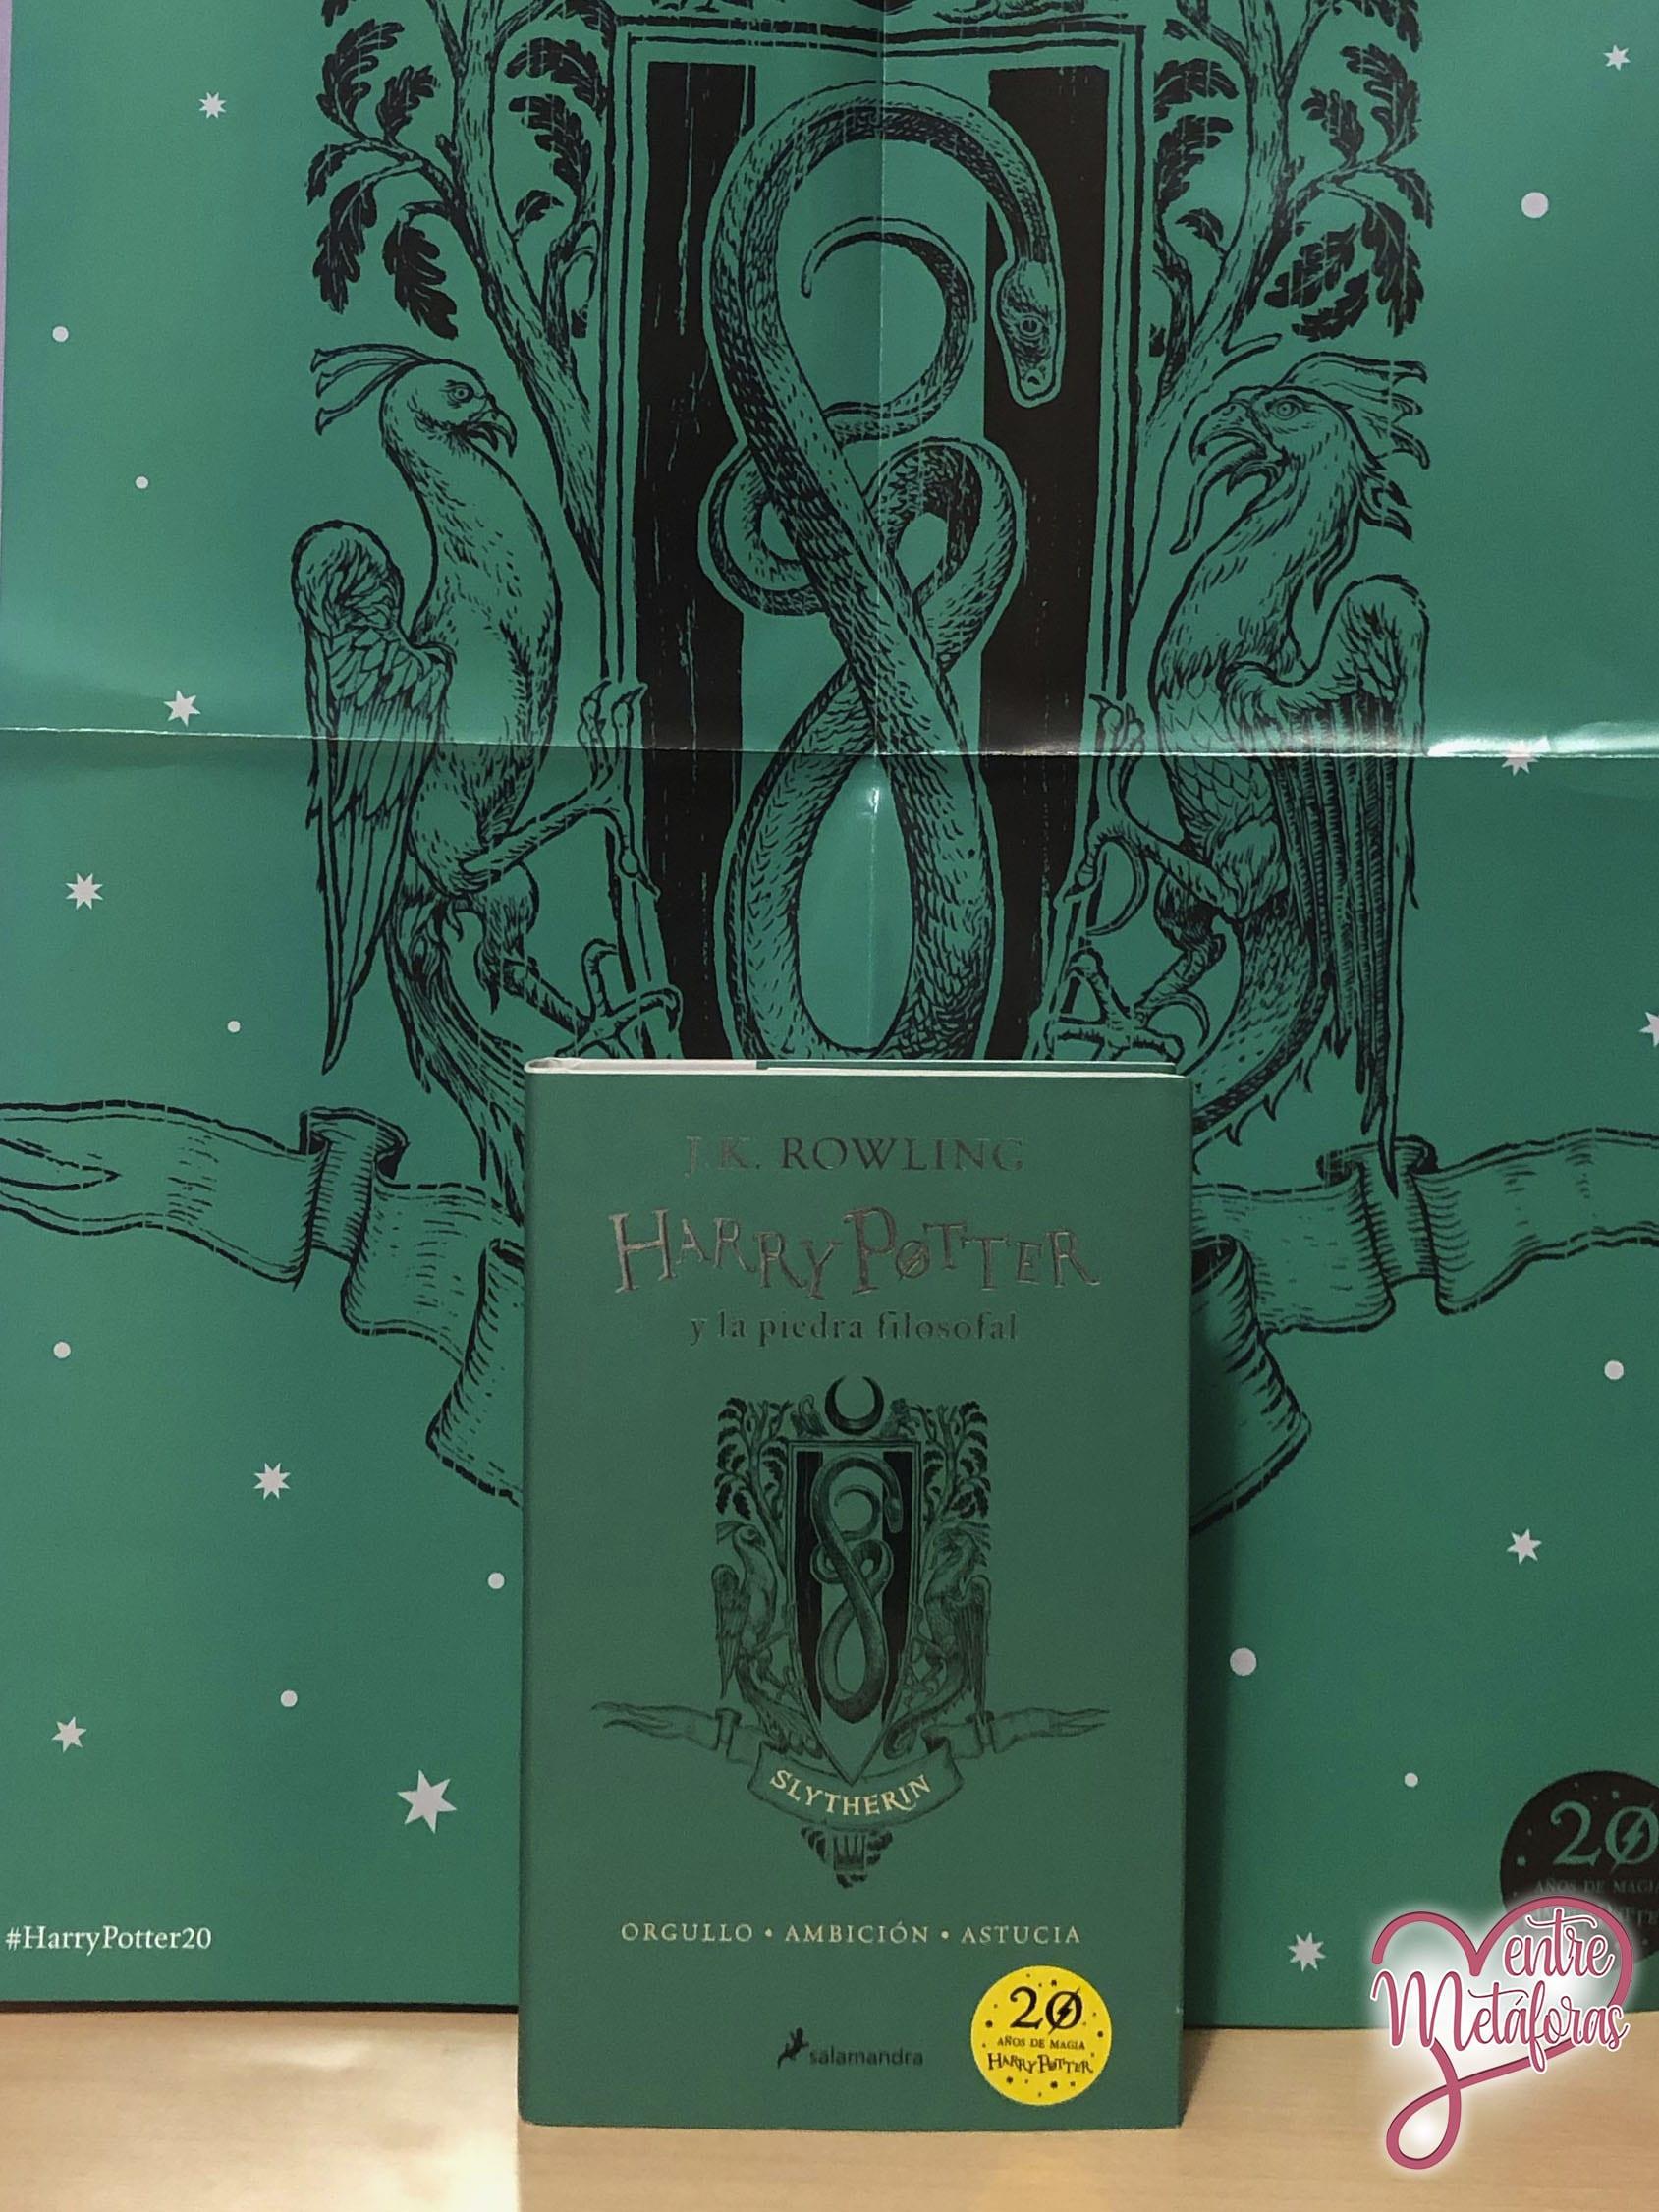 Ediciones especiales: Harry Potter 20º aniversario